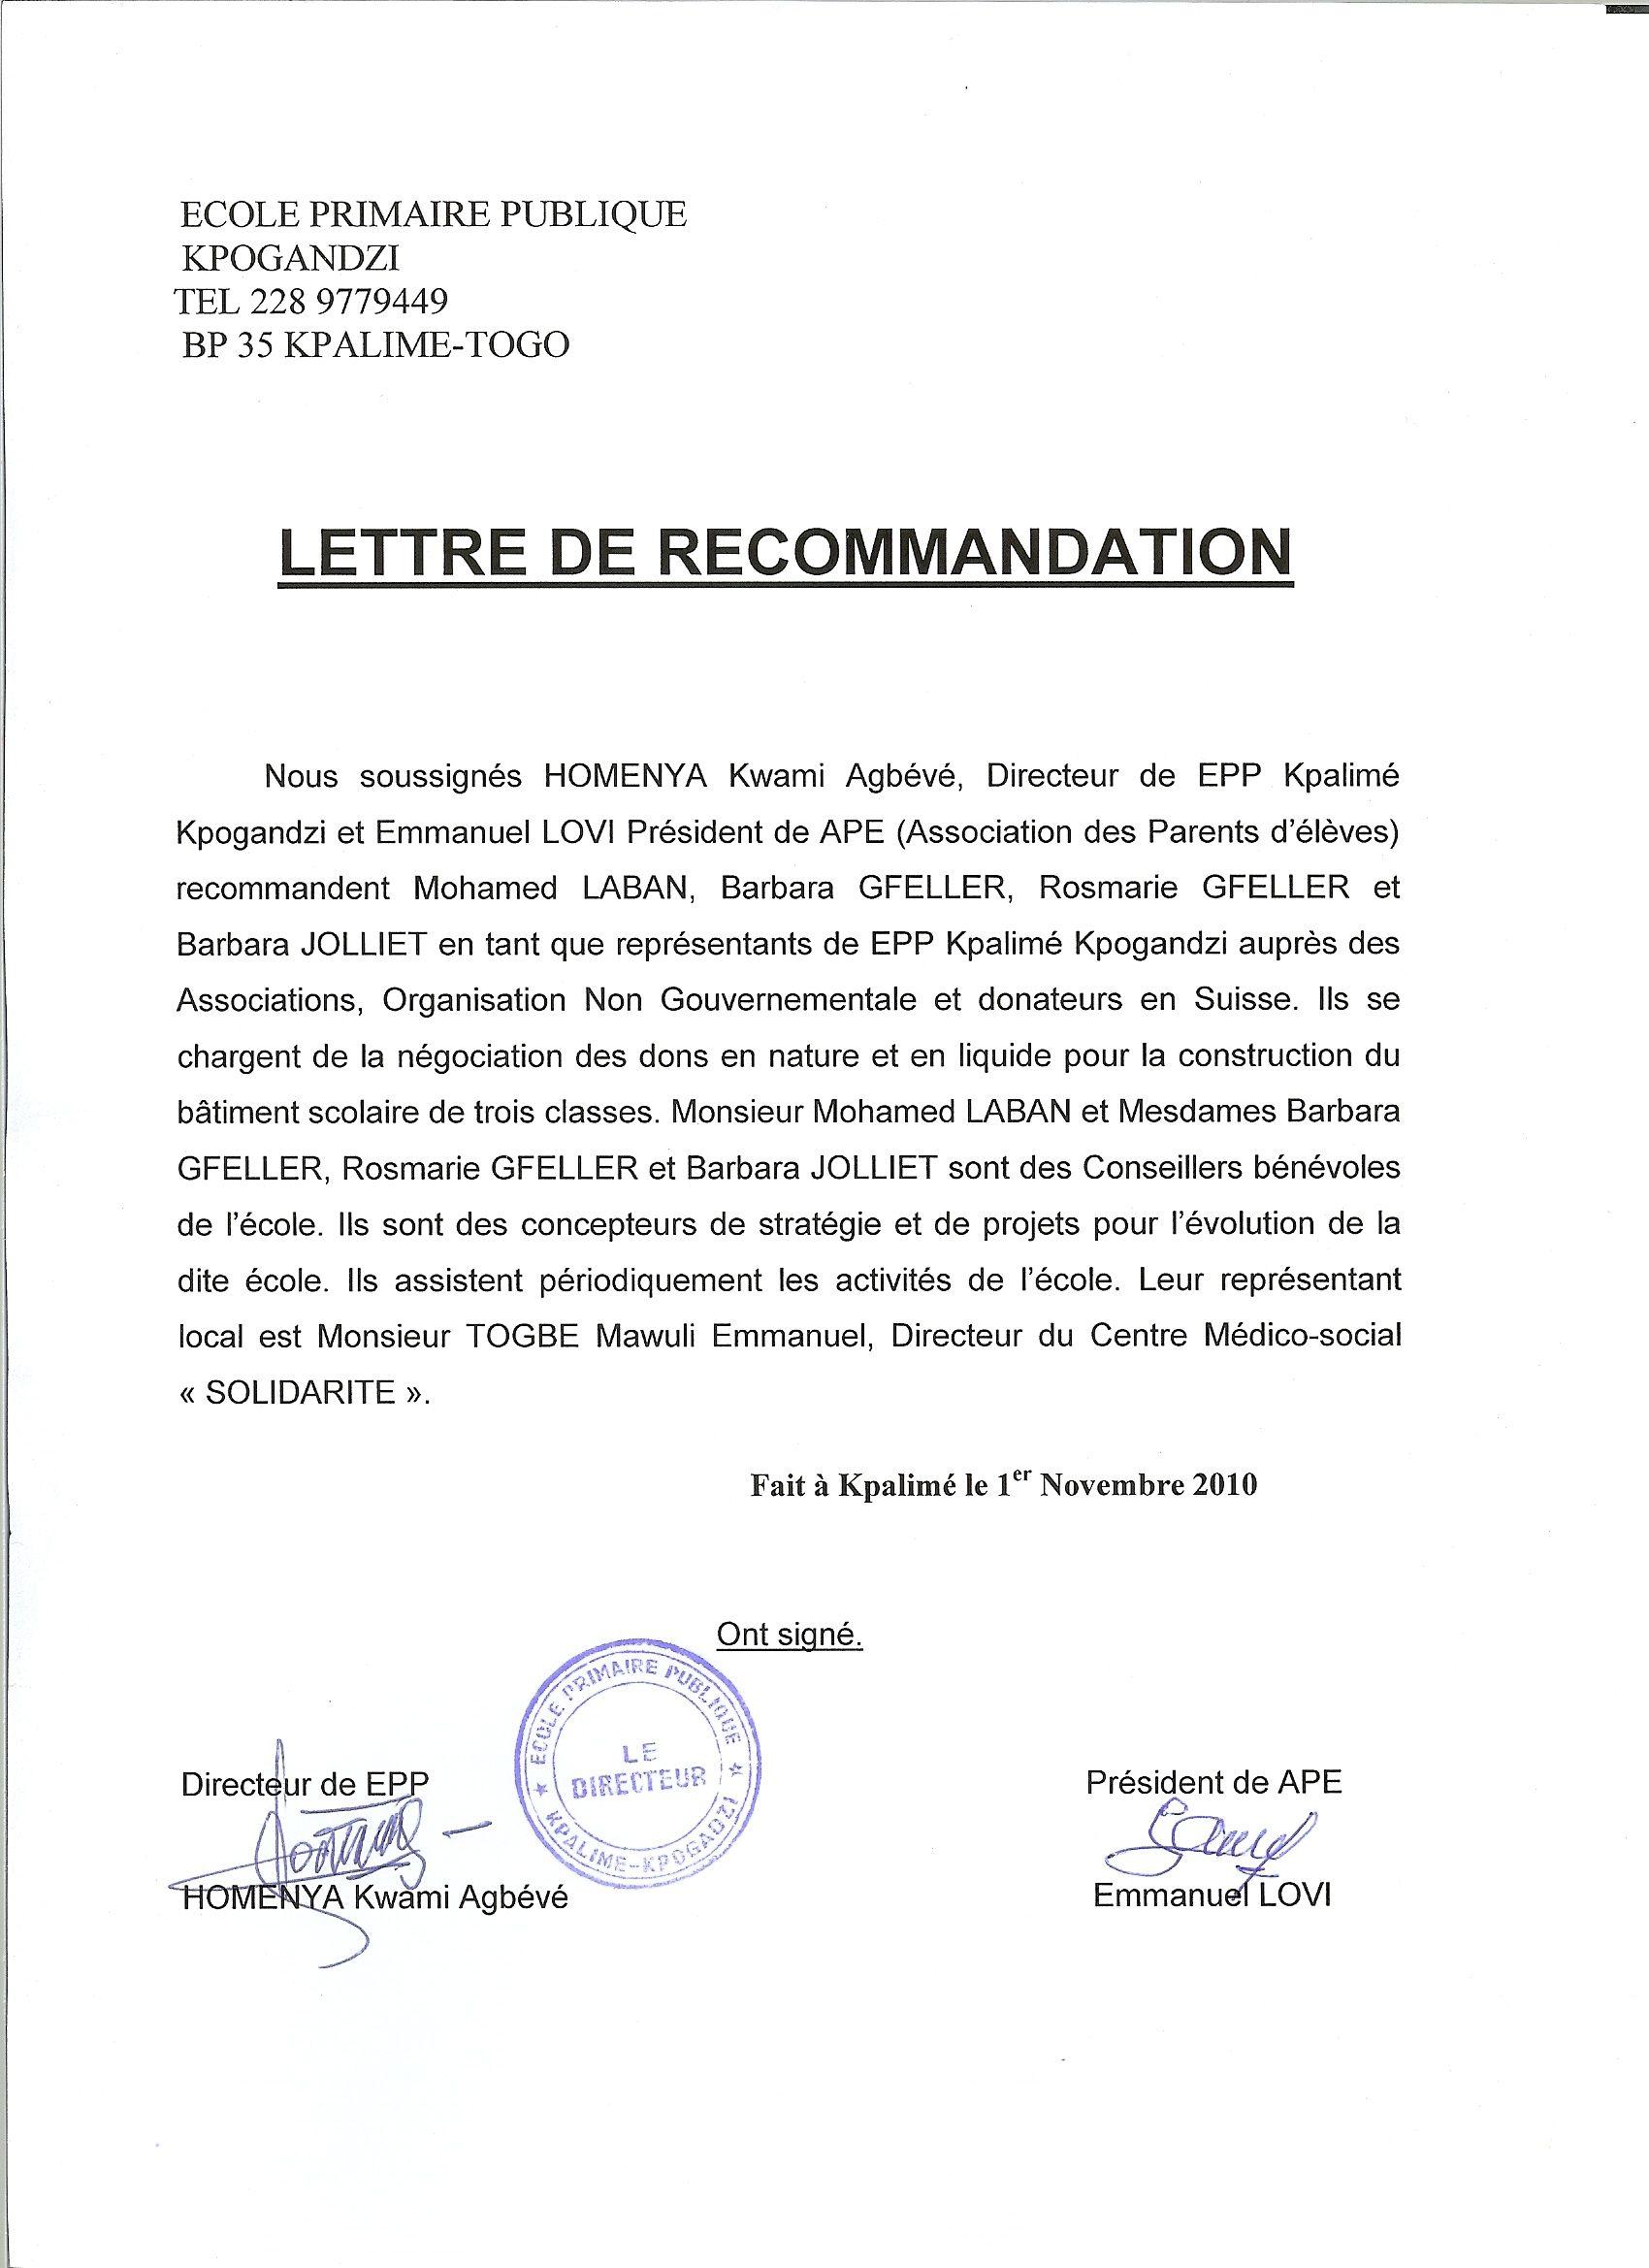 lettre de recommandation d une association Lettre De Recommandation Association | koffiemetzorg lettre de recommandation d une association